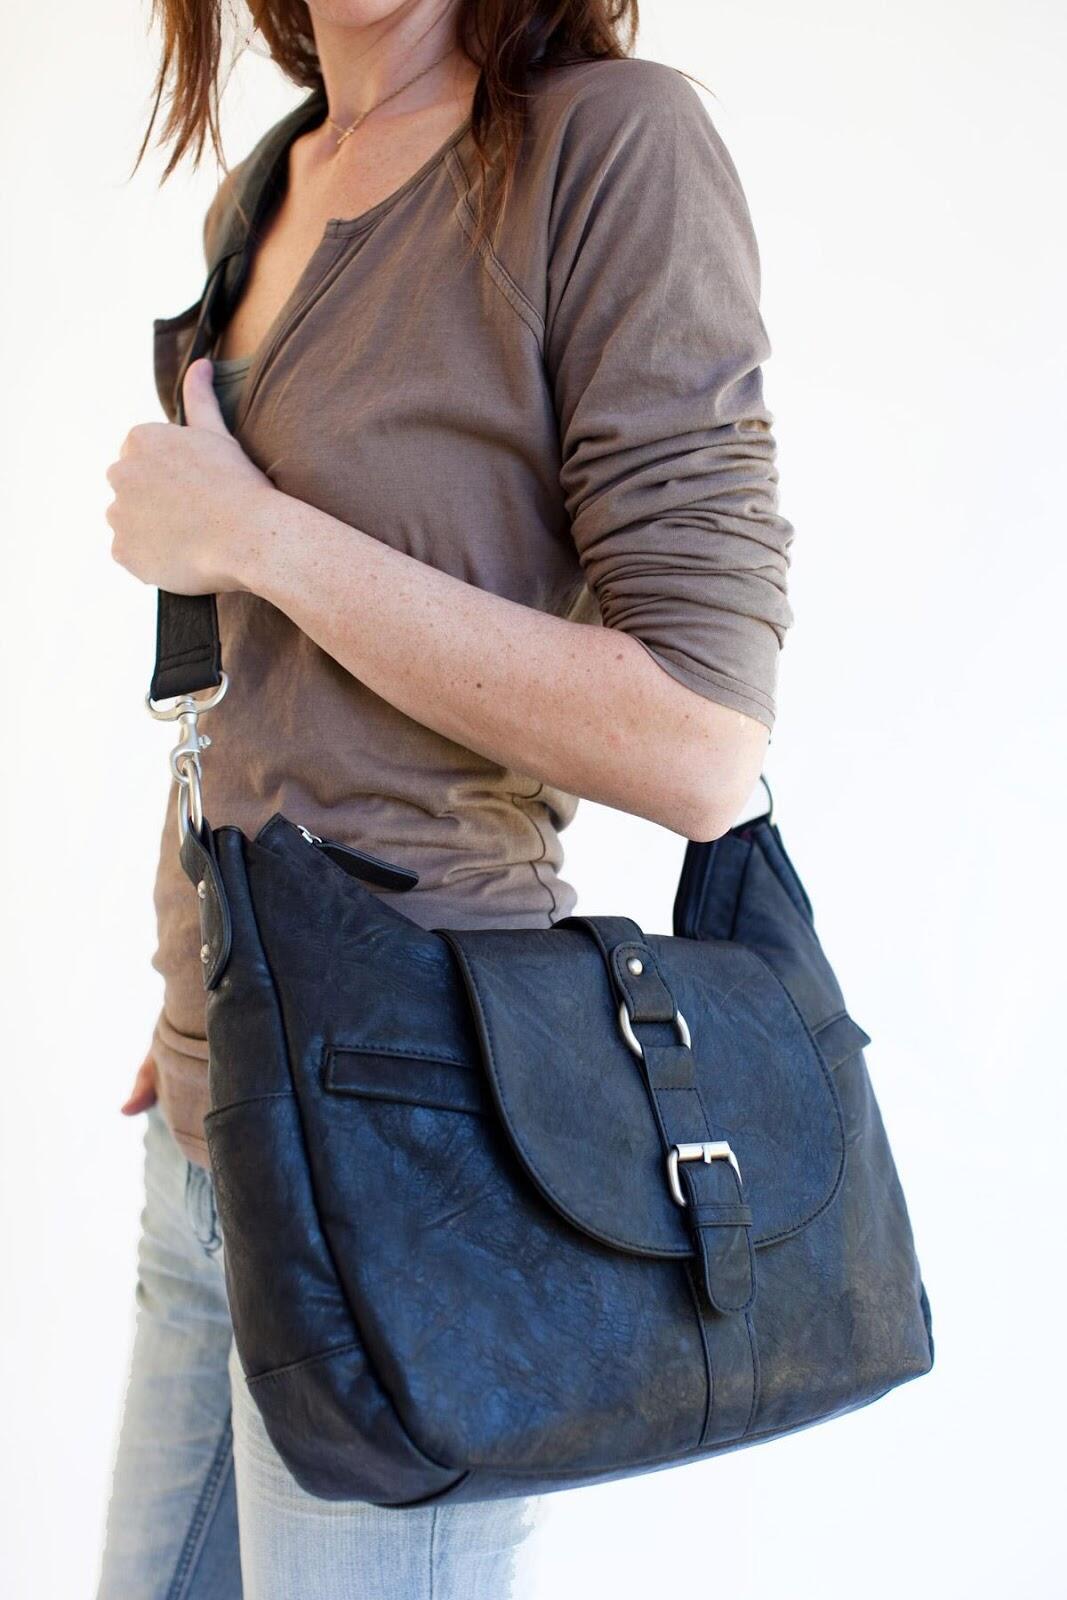 Creative Amazon.com Ladies DSLR Camera Bag Camera Bag For Women Womens DSLR Bag Handmade